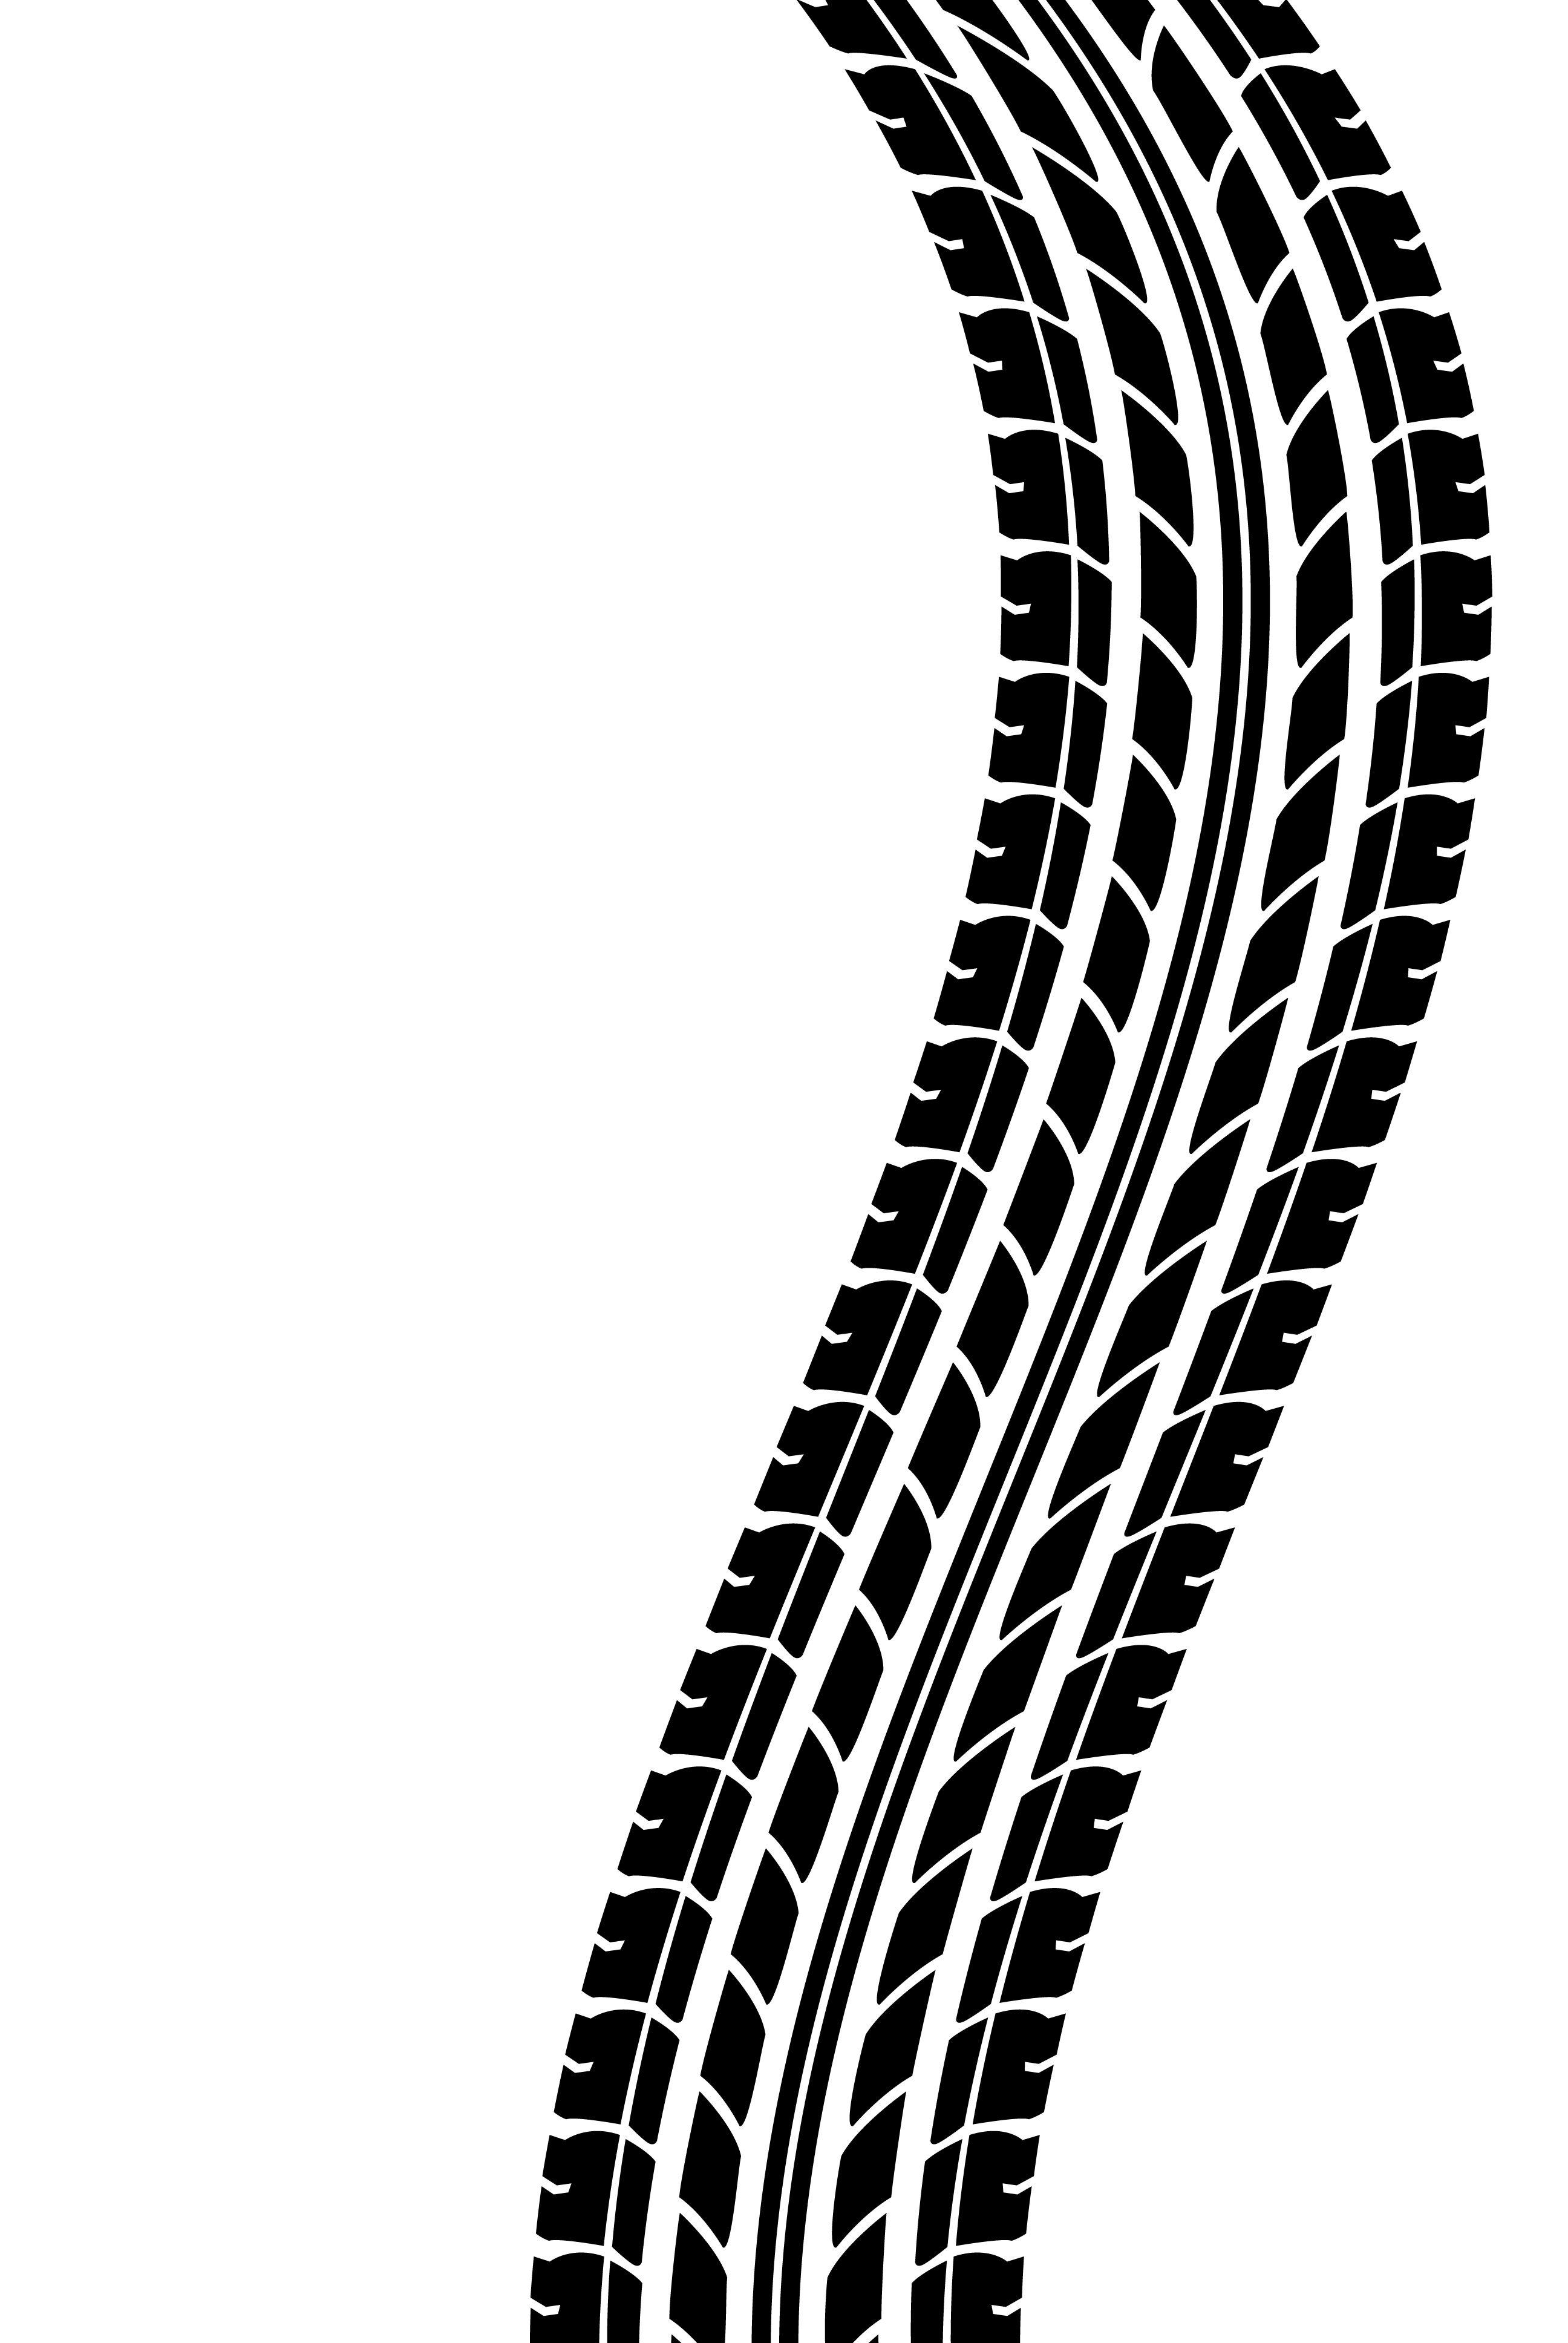 Resultado De Imagen Para Motorcycle Tire Track Vector